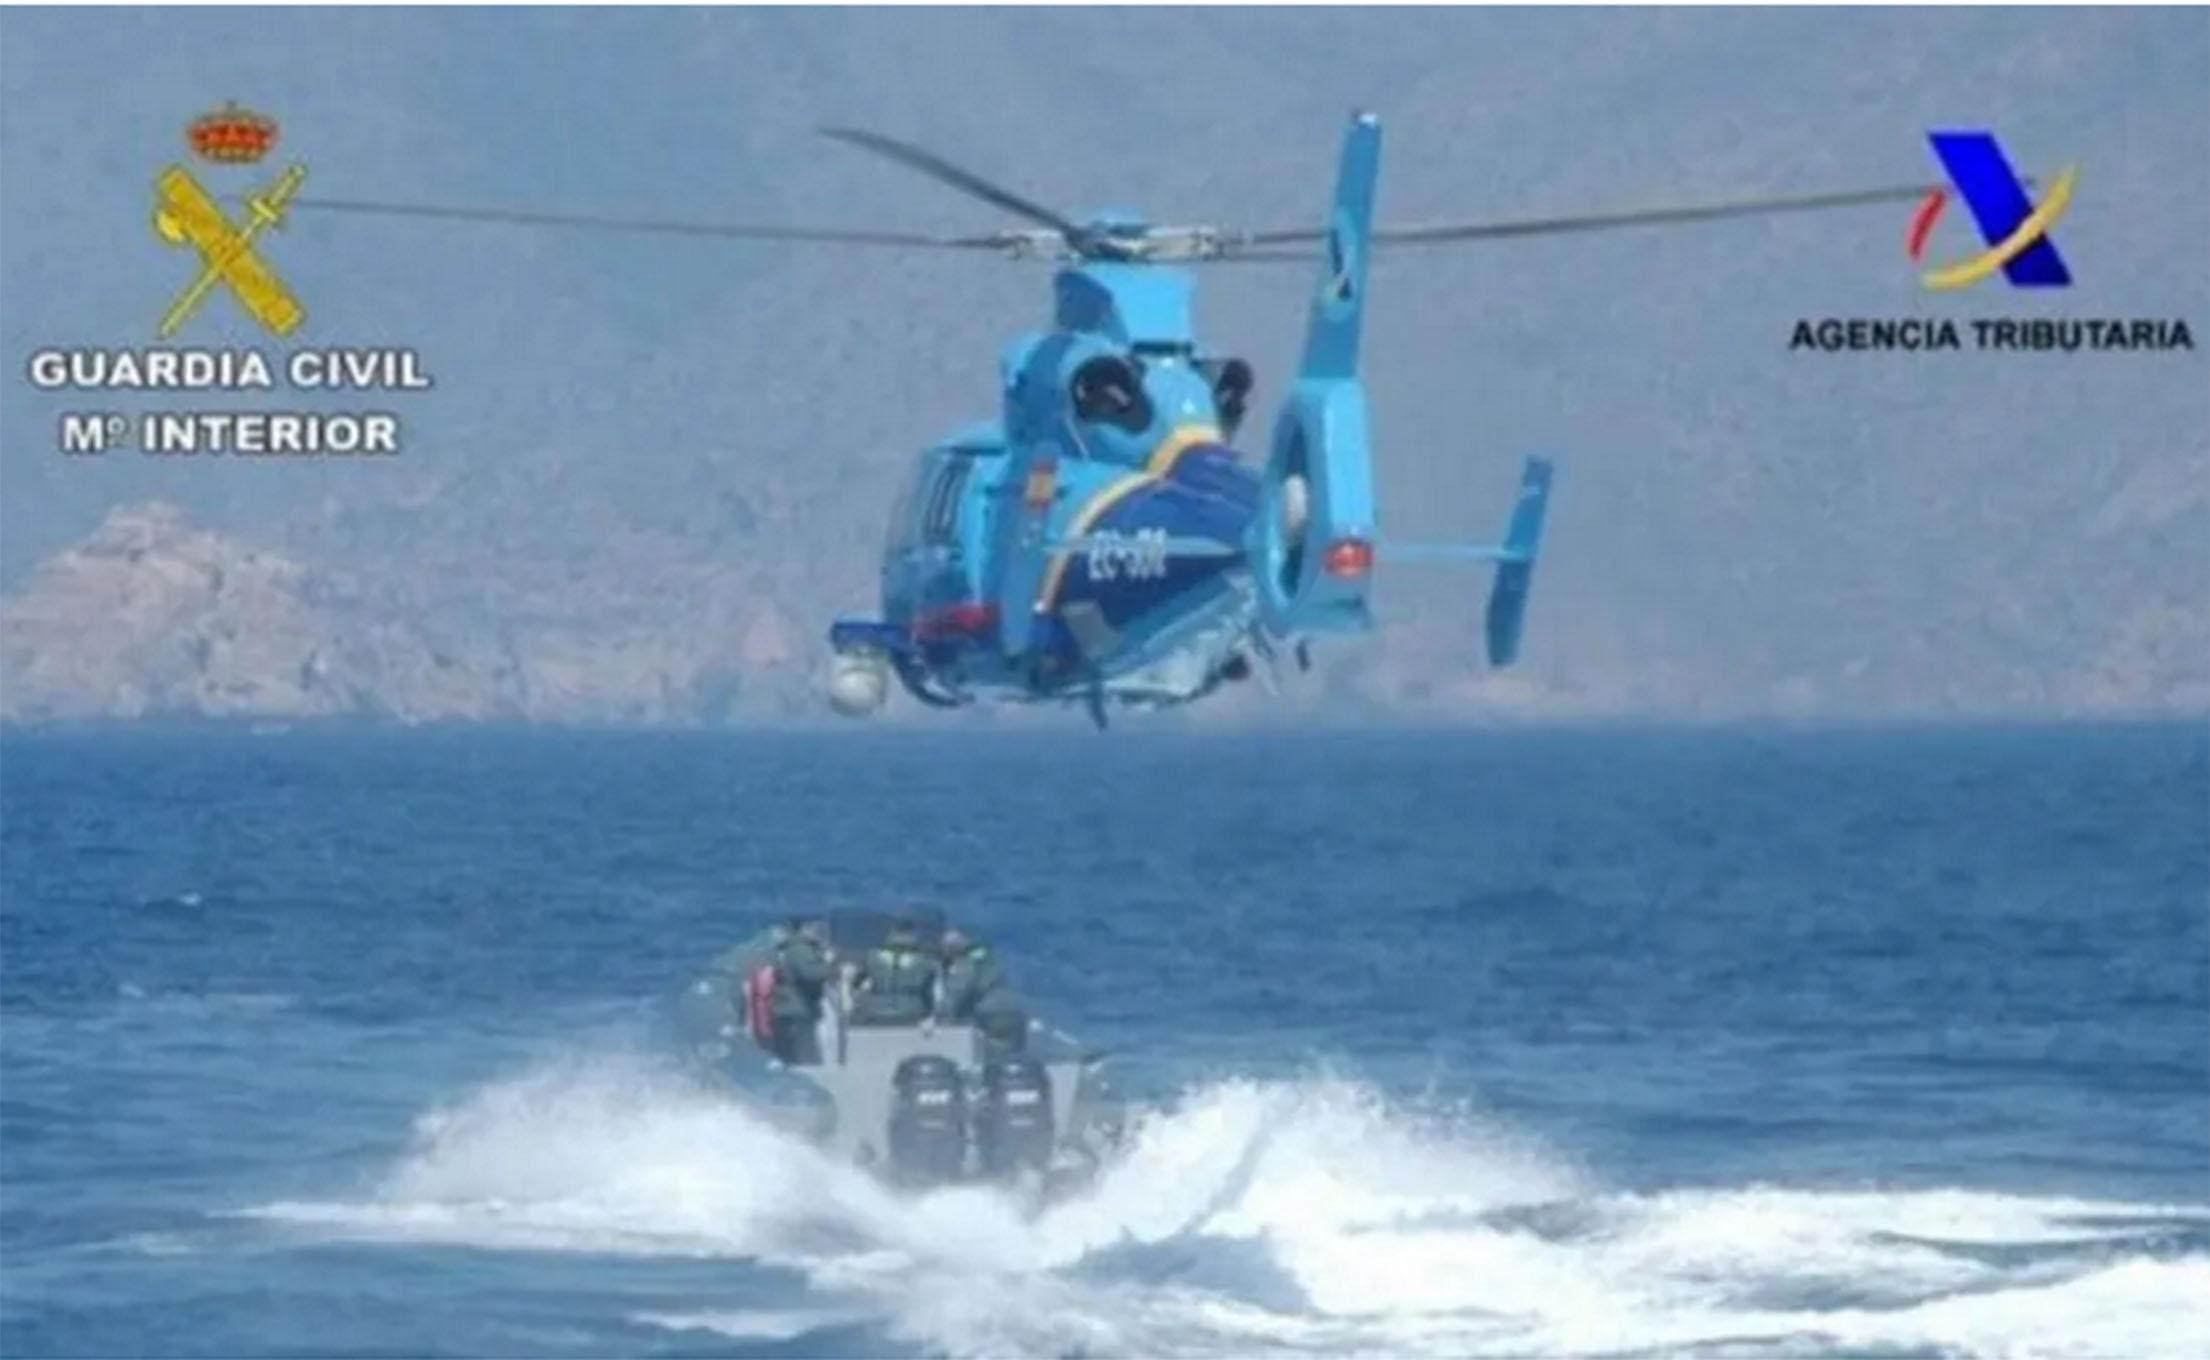 helicoptero-vigilancia-aduanera